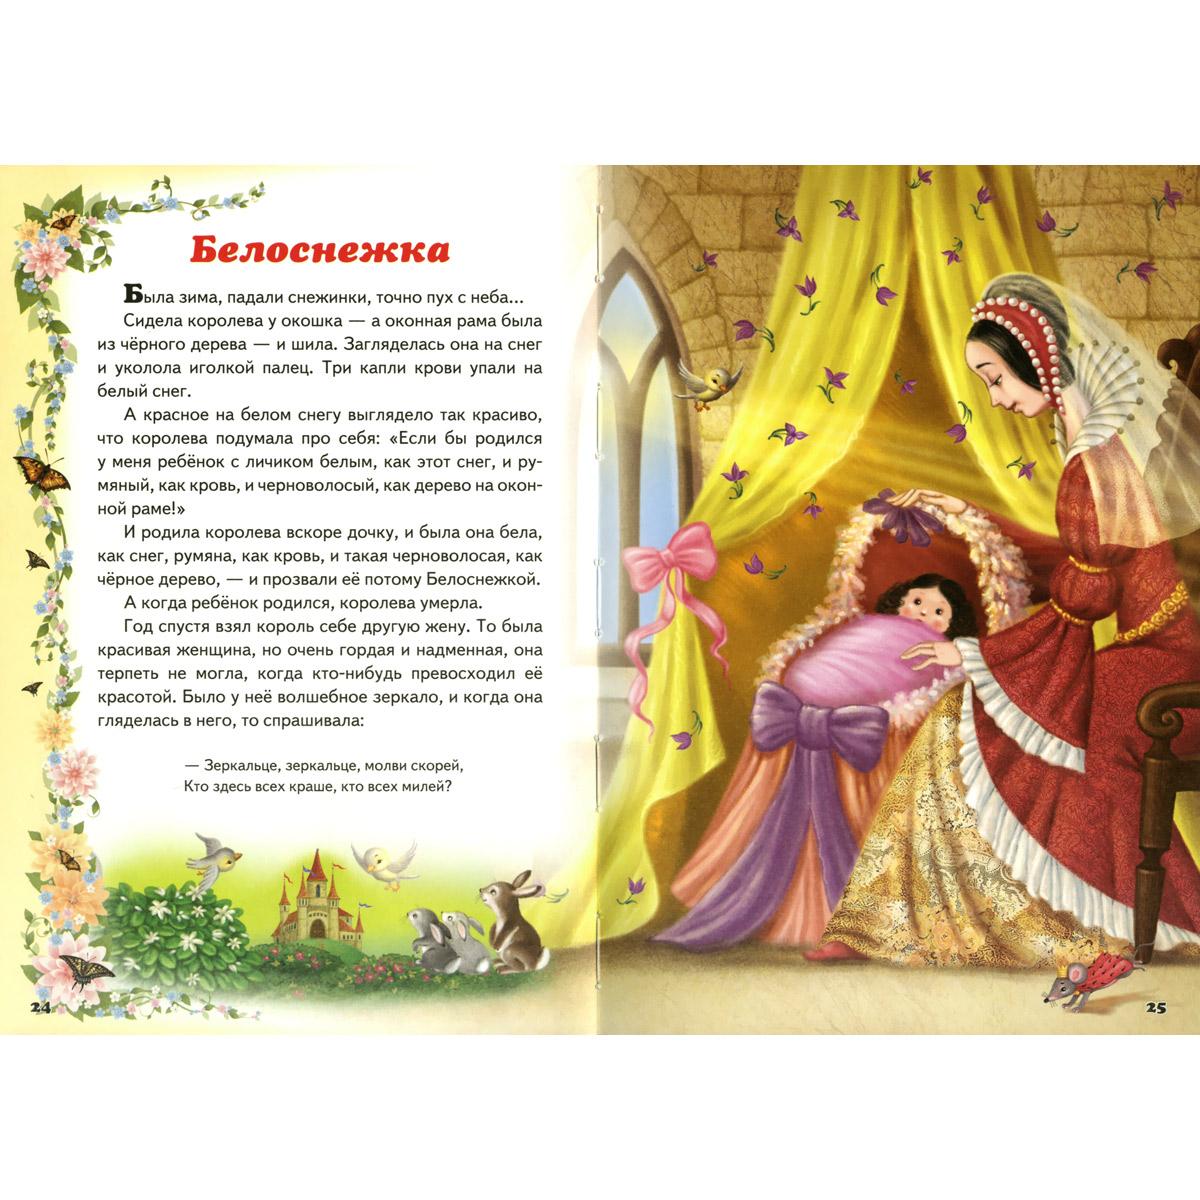 Сказки волшебного королевства